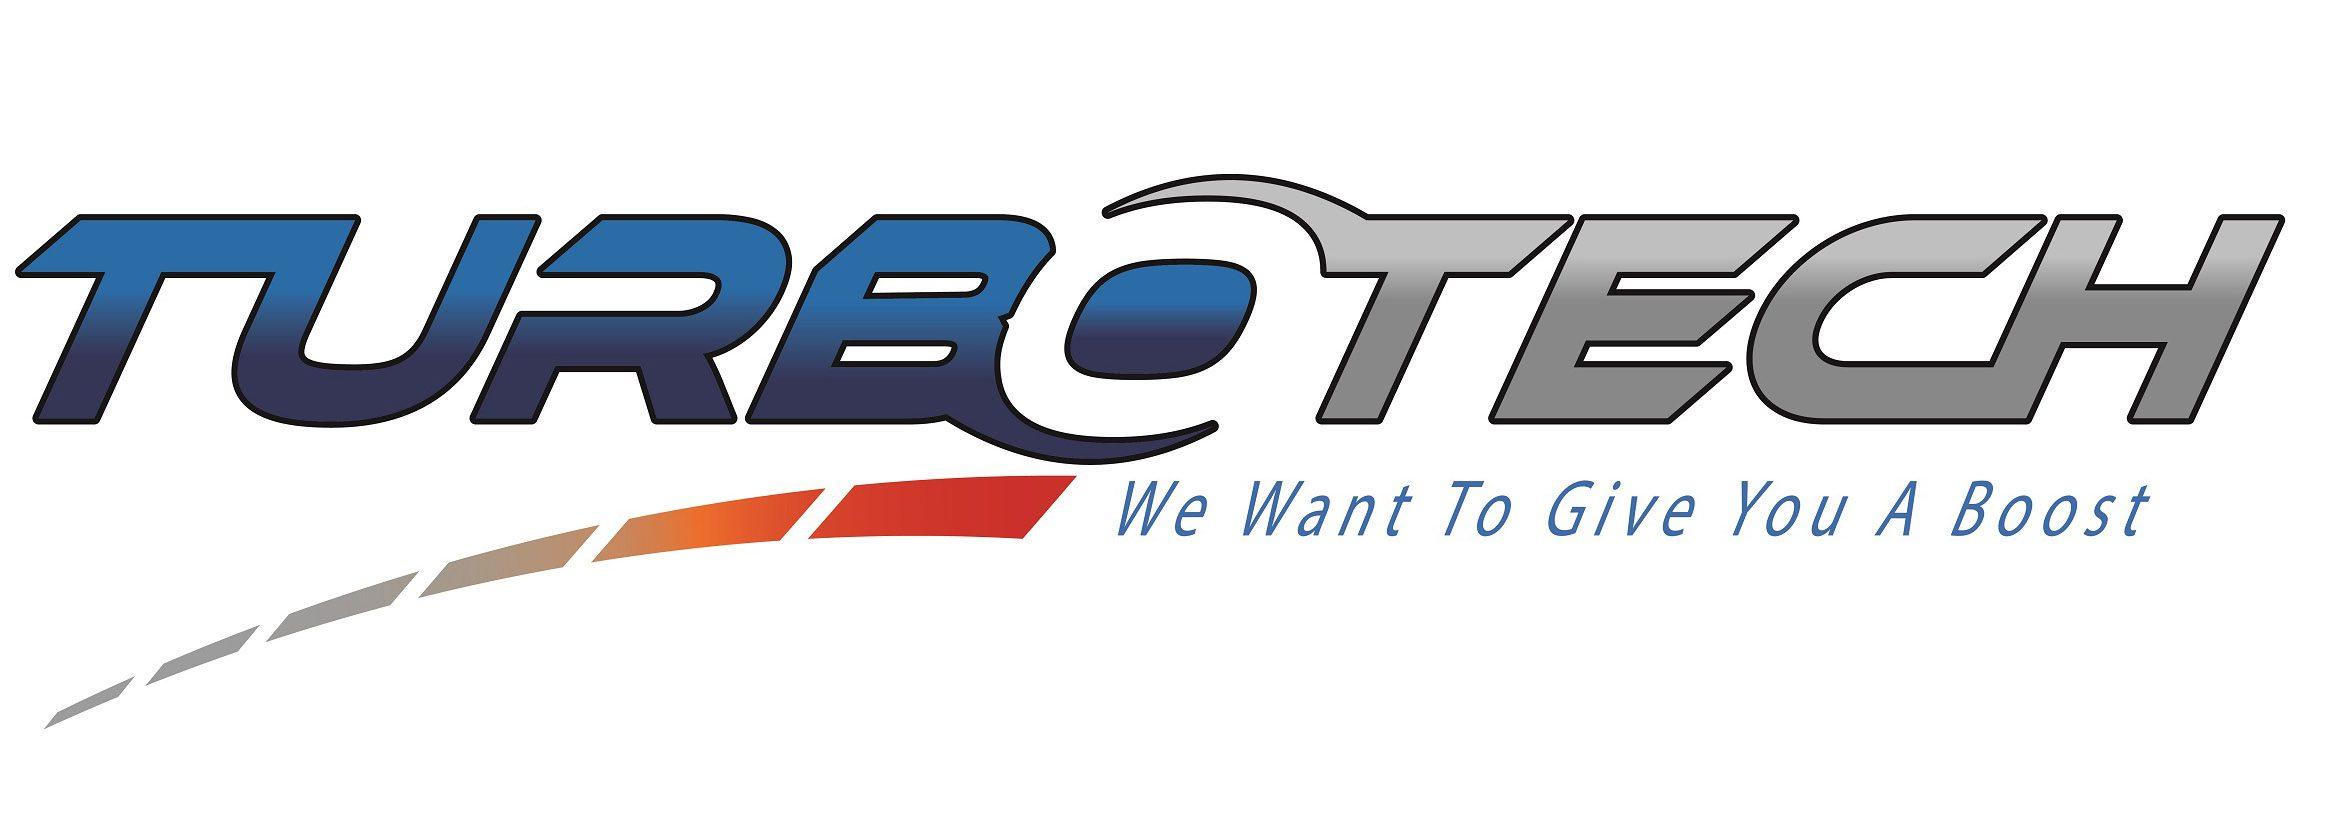 Turbotech QLD